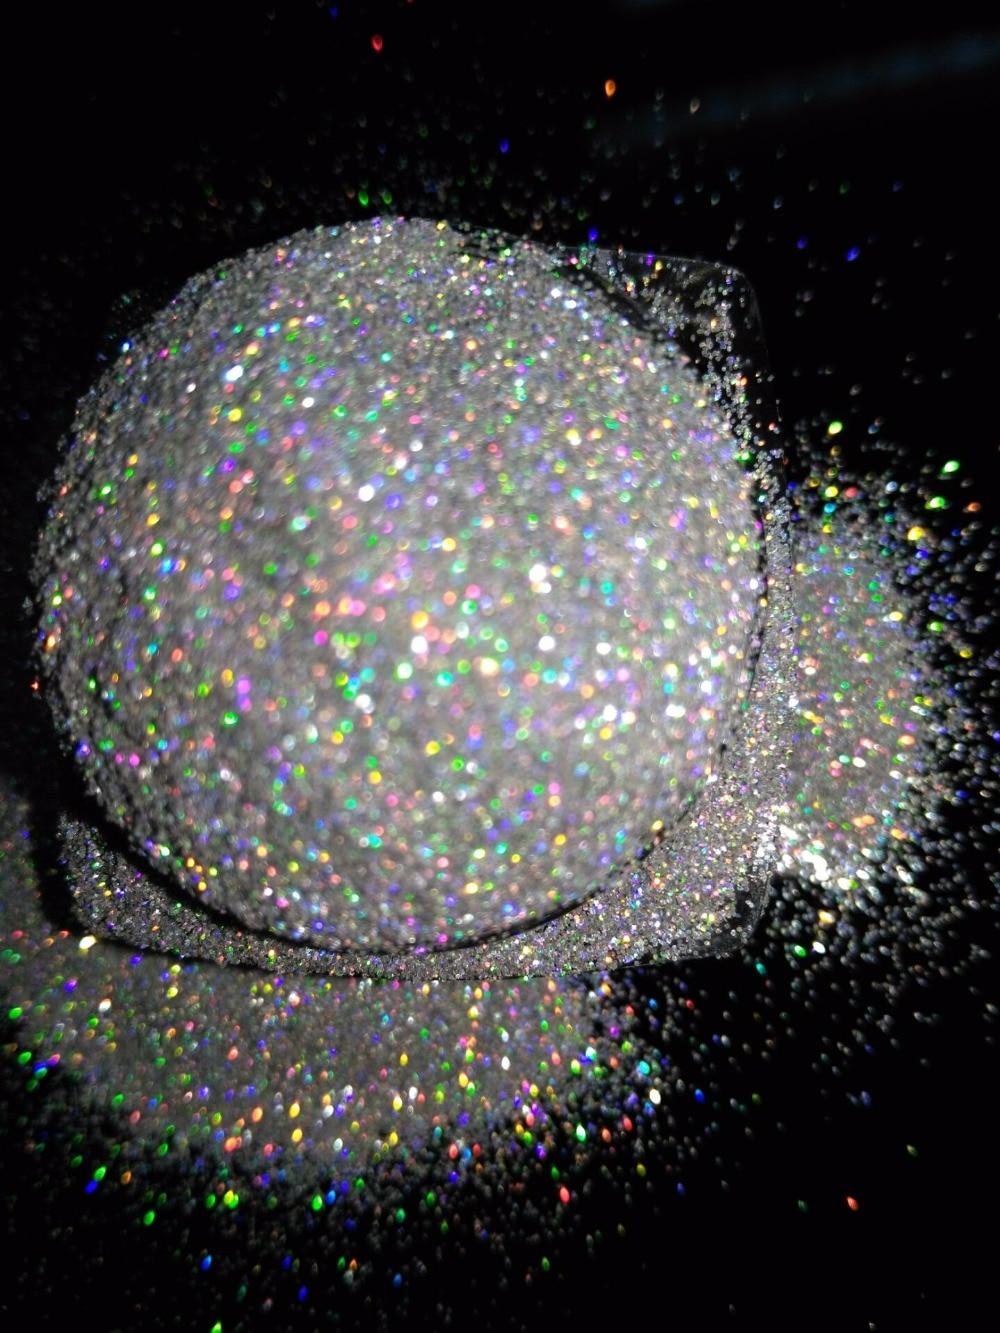 004 Neue Acryl Uv Nail Art Glitter Pulver Staub Tipps Dekoration Laser Sparkly Silber Make-up Glitter Kunst Tipps Decor Bsre-1/256 Schönheit & Gesundheit